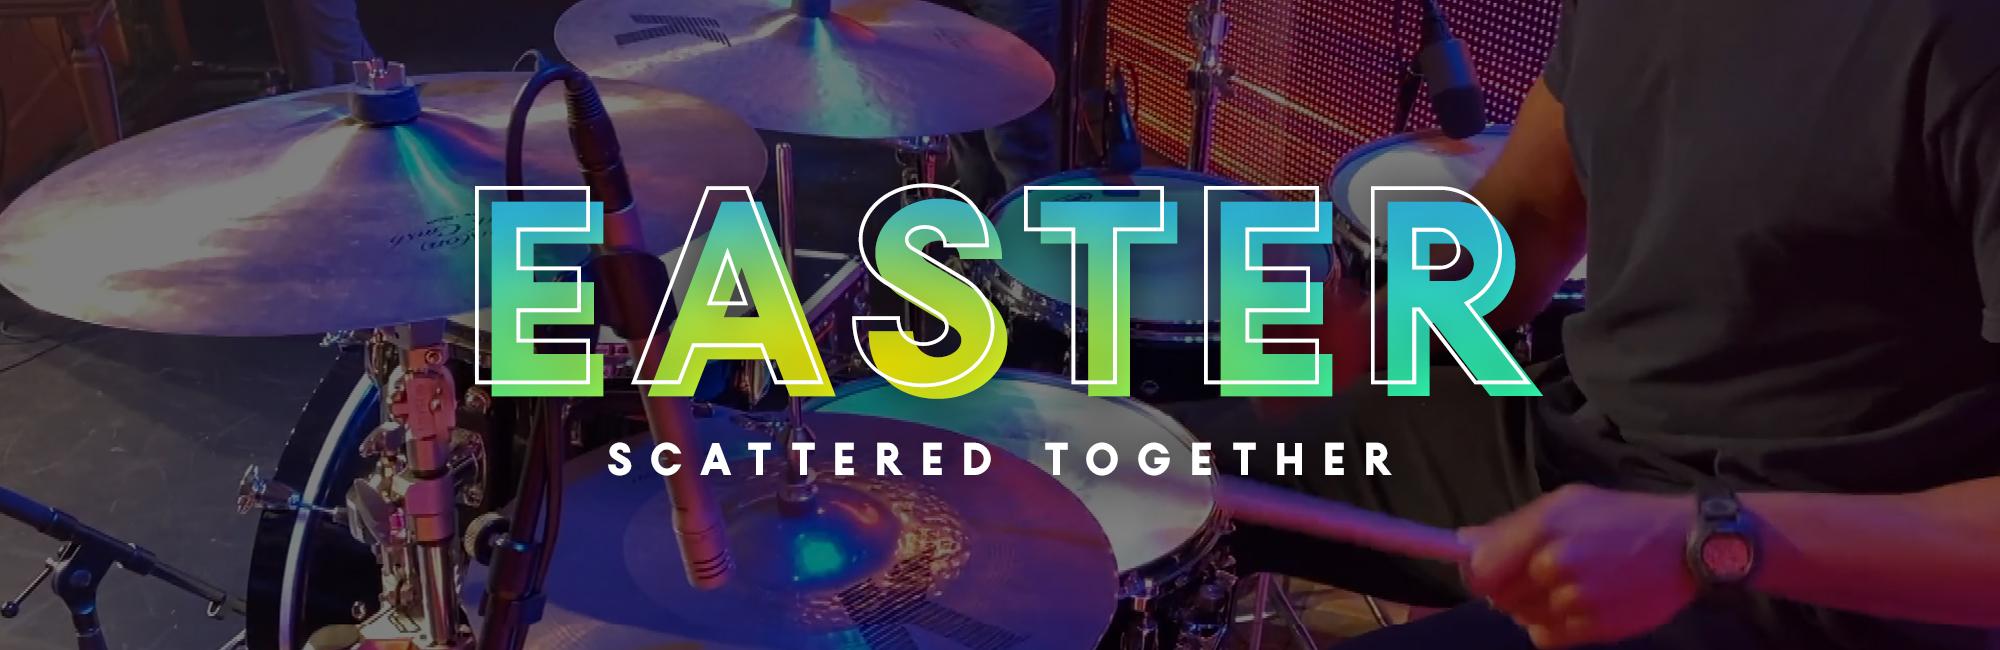 Easter 2020 Online - Message Header